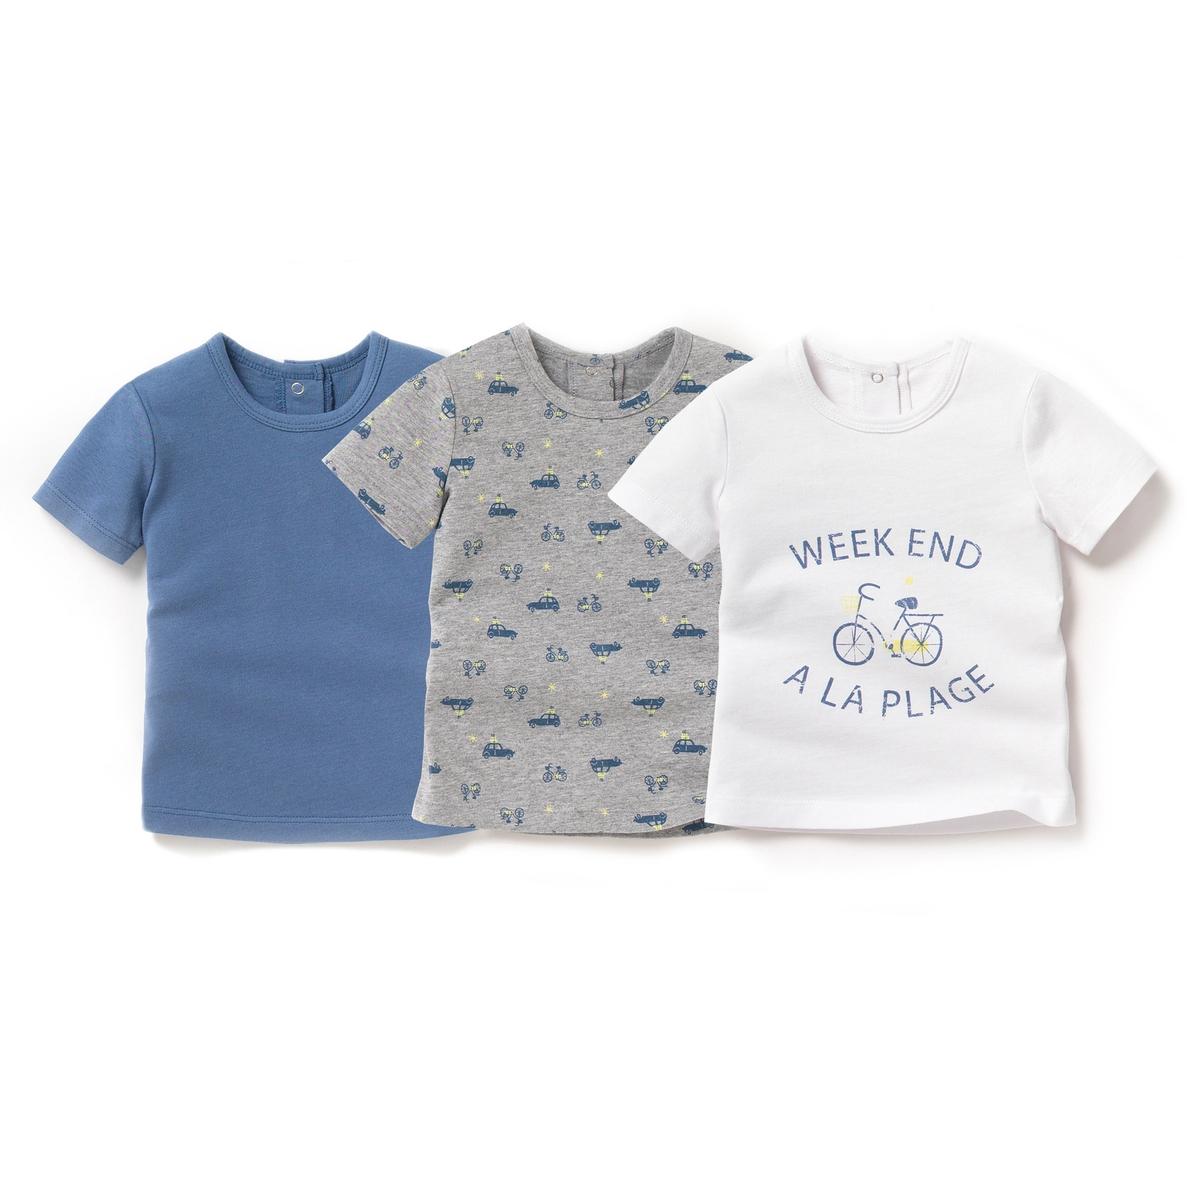 Комплект футболок с круглым вырезом и рисункомОписание:Детали •  Короткие рукава •  Круглый вырез •  Рисунок спередиСостав и уход •  100% хлопок •  Стирать при 40° •  Сухая чистка и отбеливание запрещены • Барабанная сушка на слабом режиме    • Средняя температура глажки<br><br>Цвет: белый + синий + серый<br>Размер: 1 год - 74 см